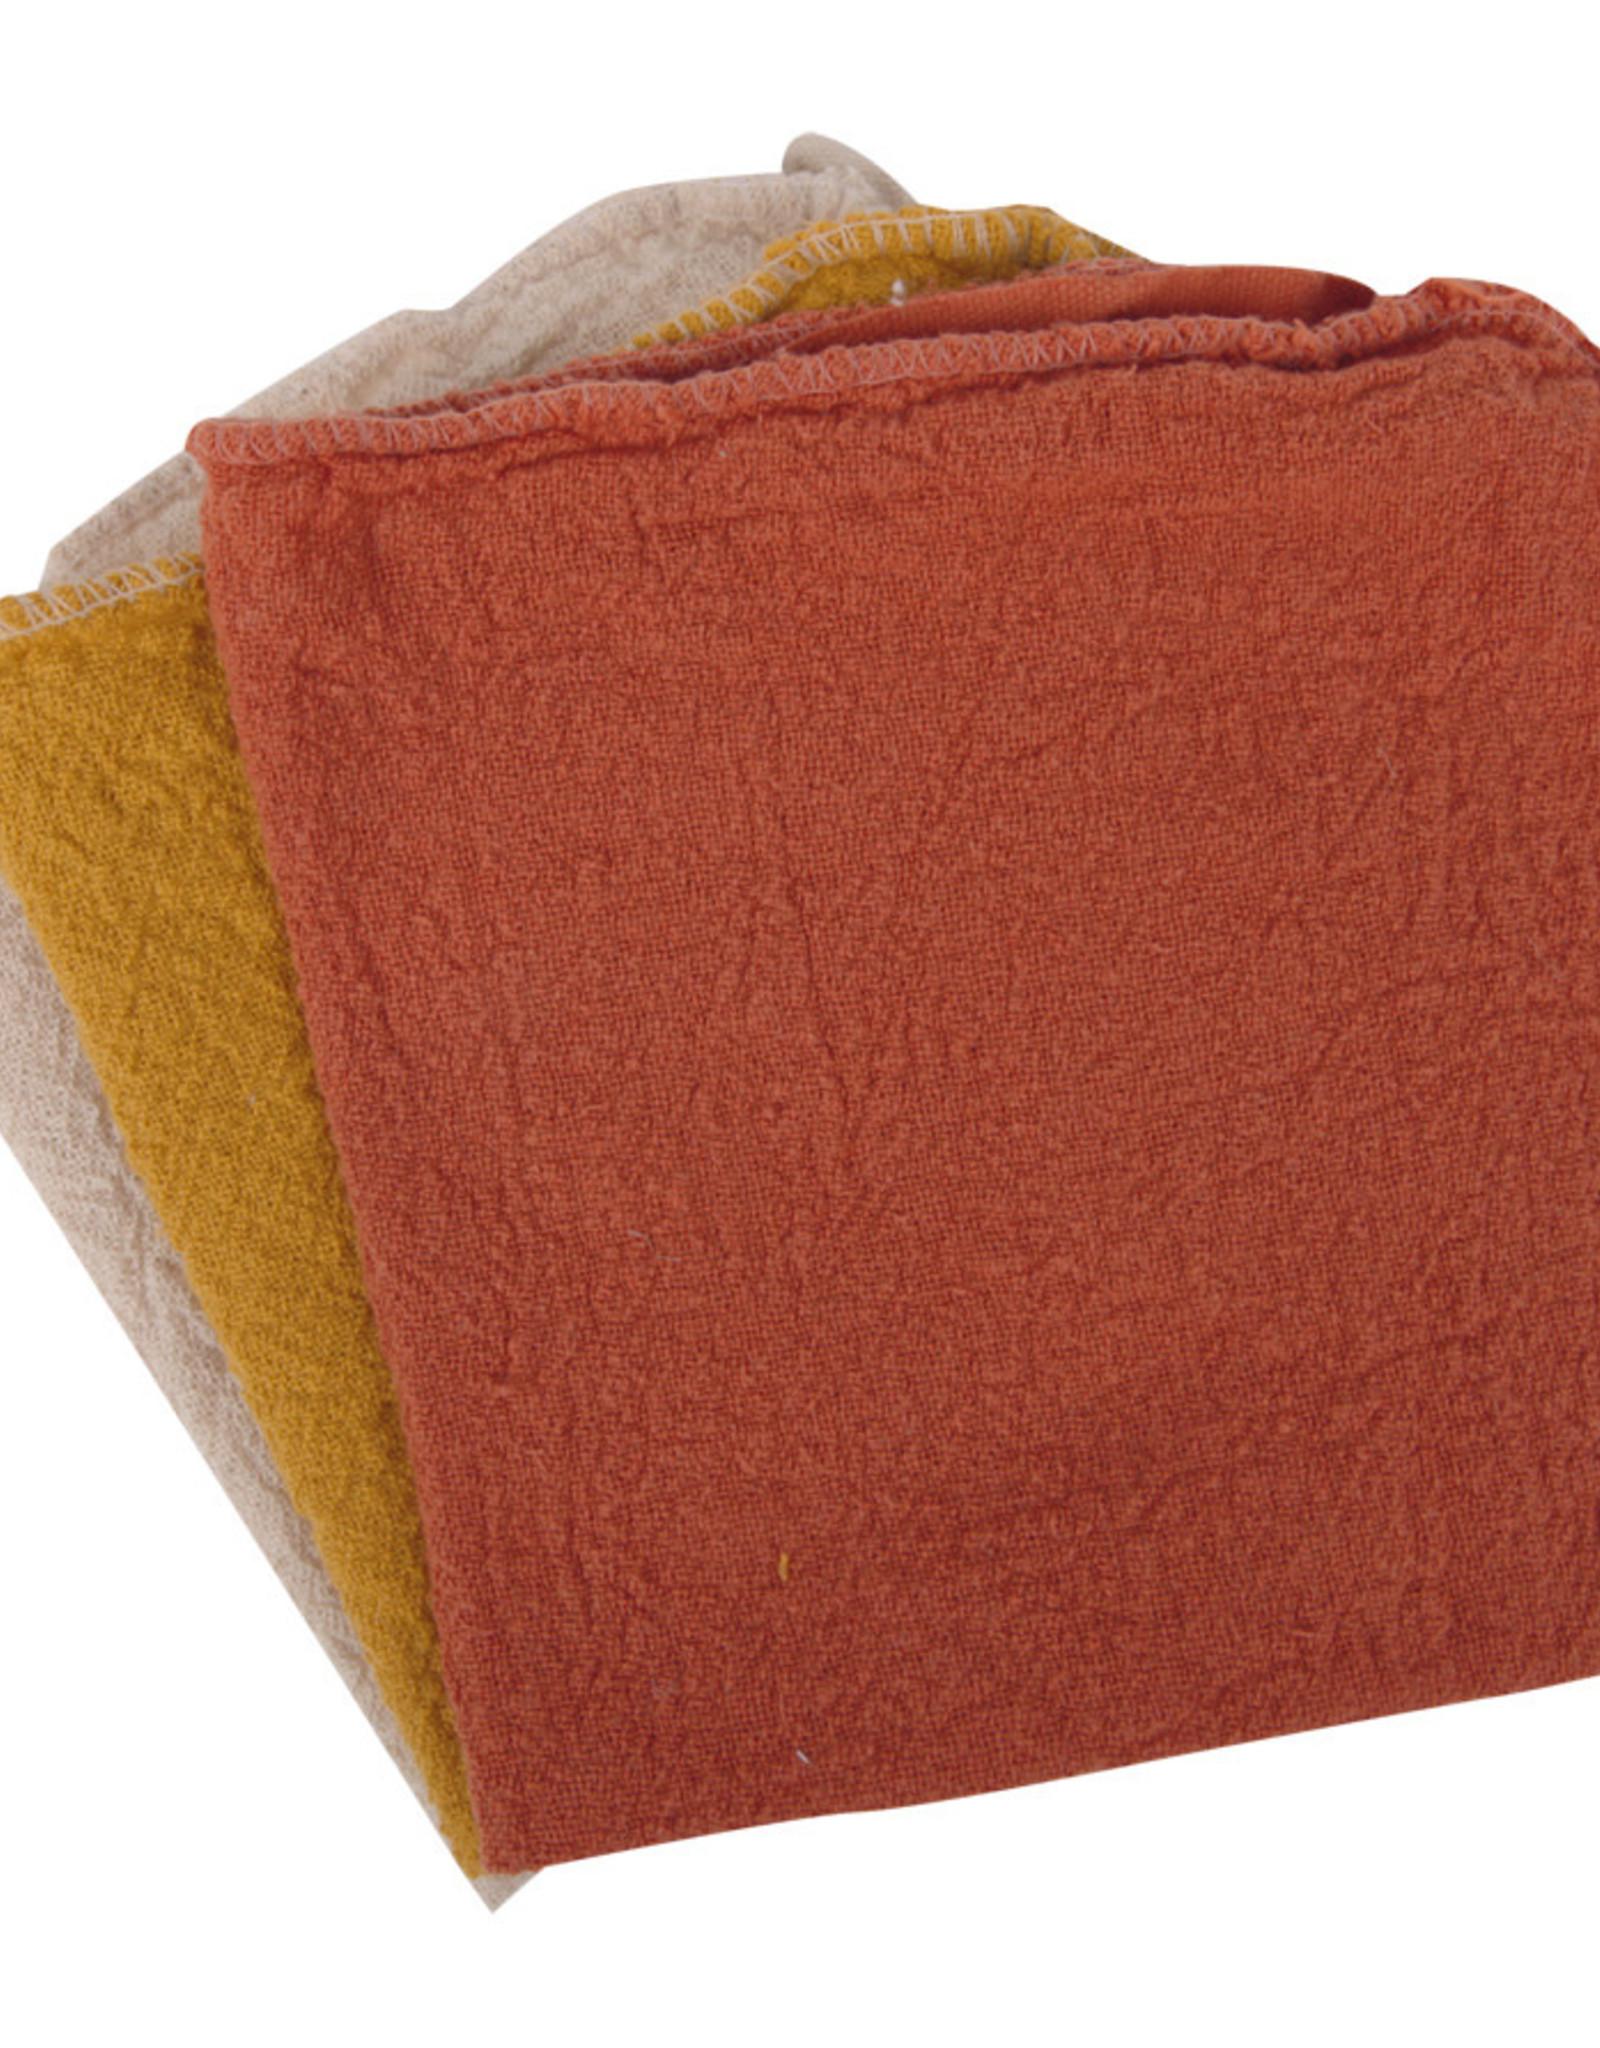 Redecker Redecker Cleaning Cloth Bundle 3